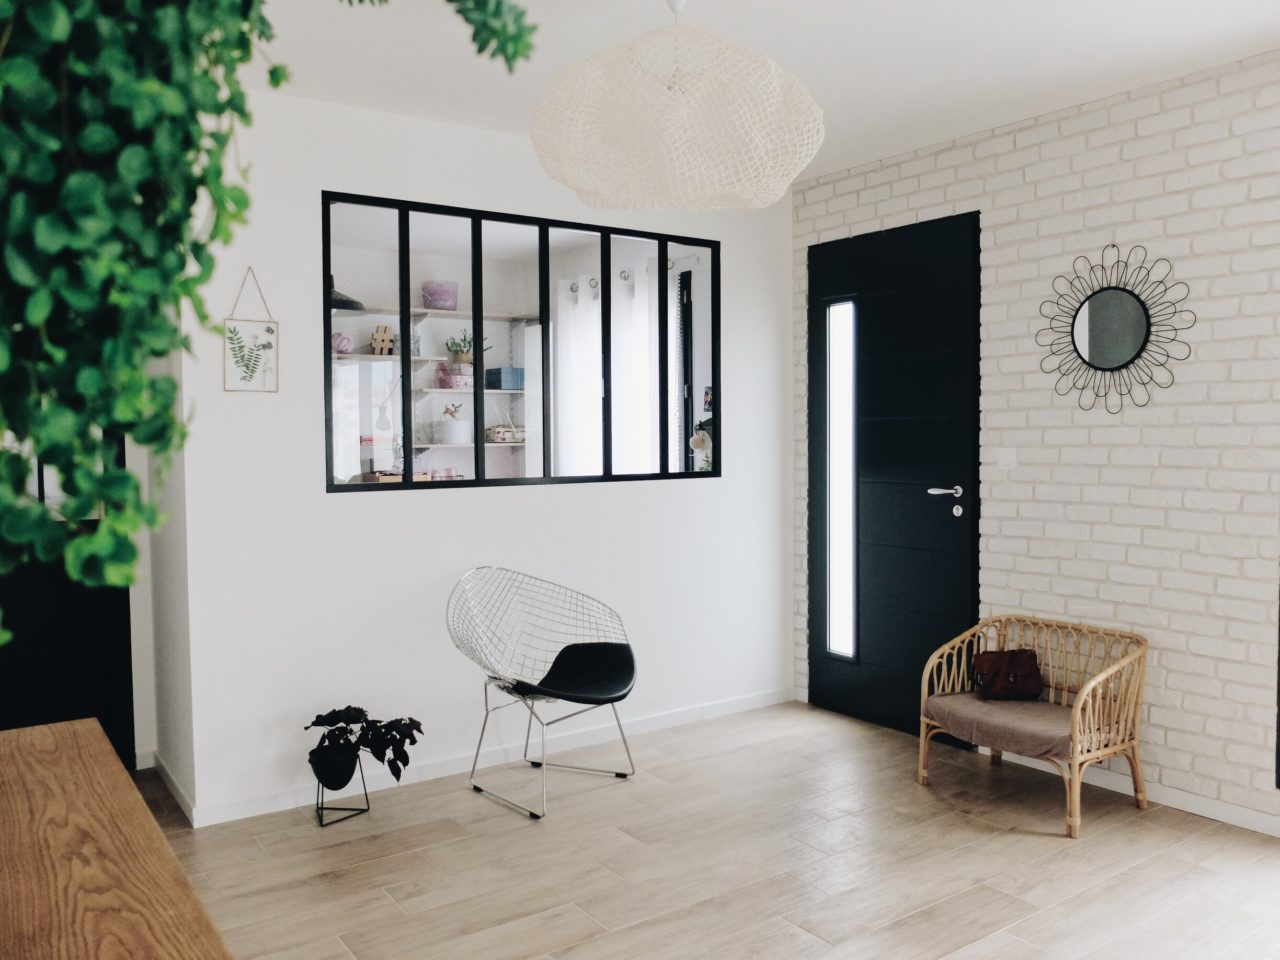 Déco : La verrière et la porte atelier - Zess.fr ...